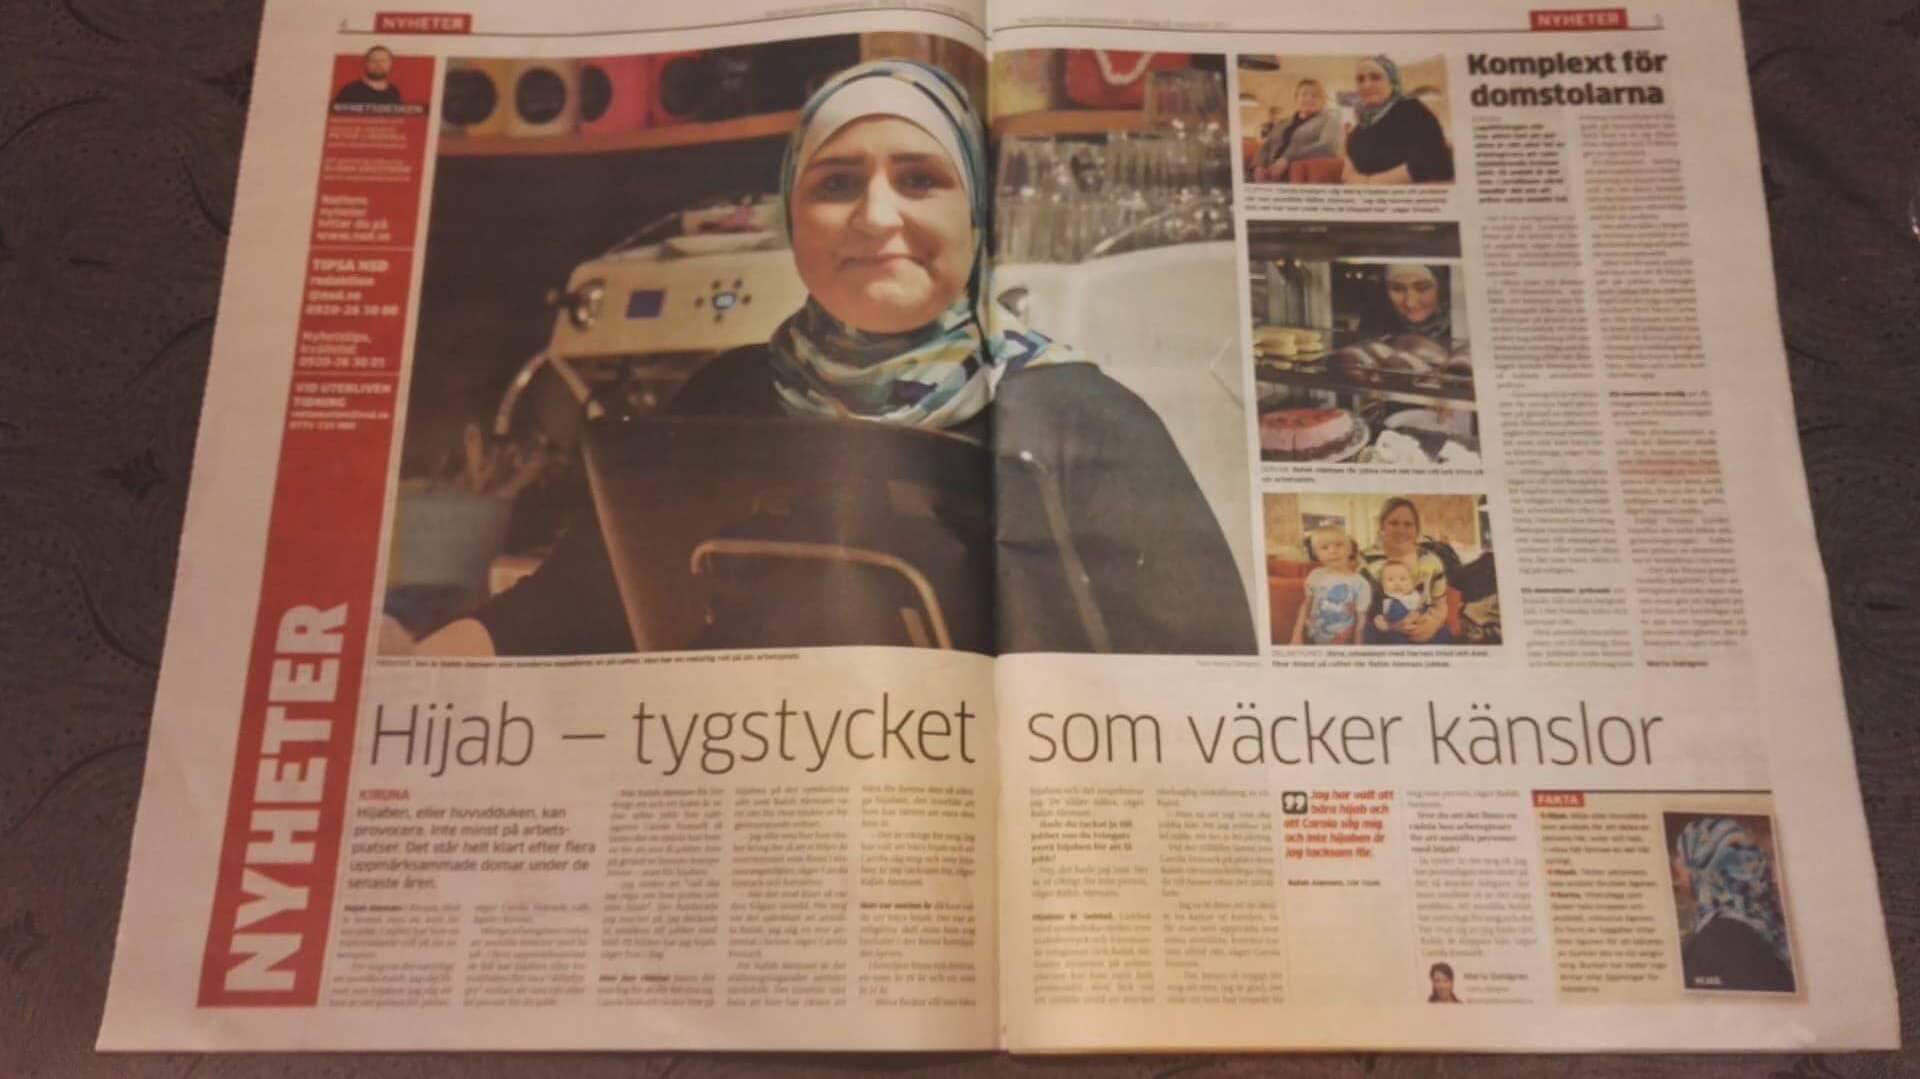 Intervju med Hanna and Goliath i Norrbottens största tidning